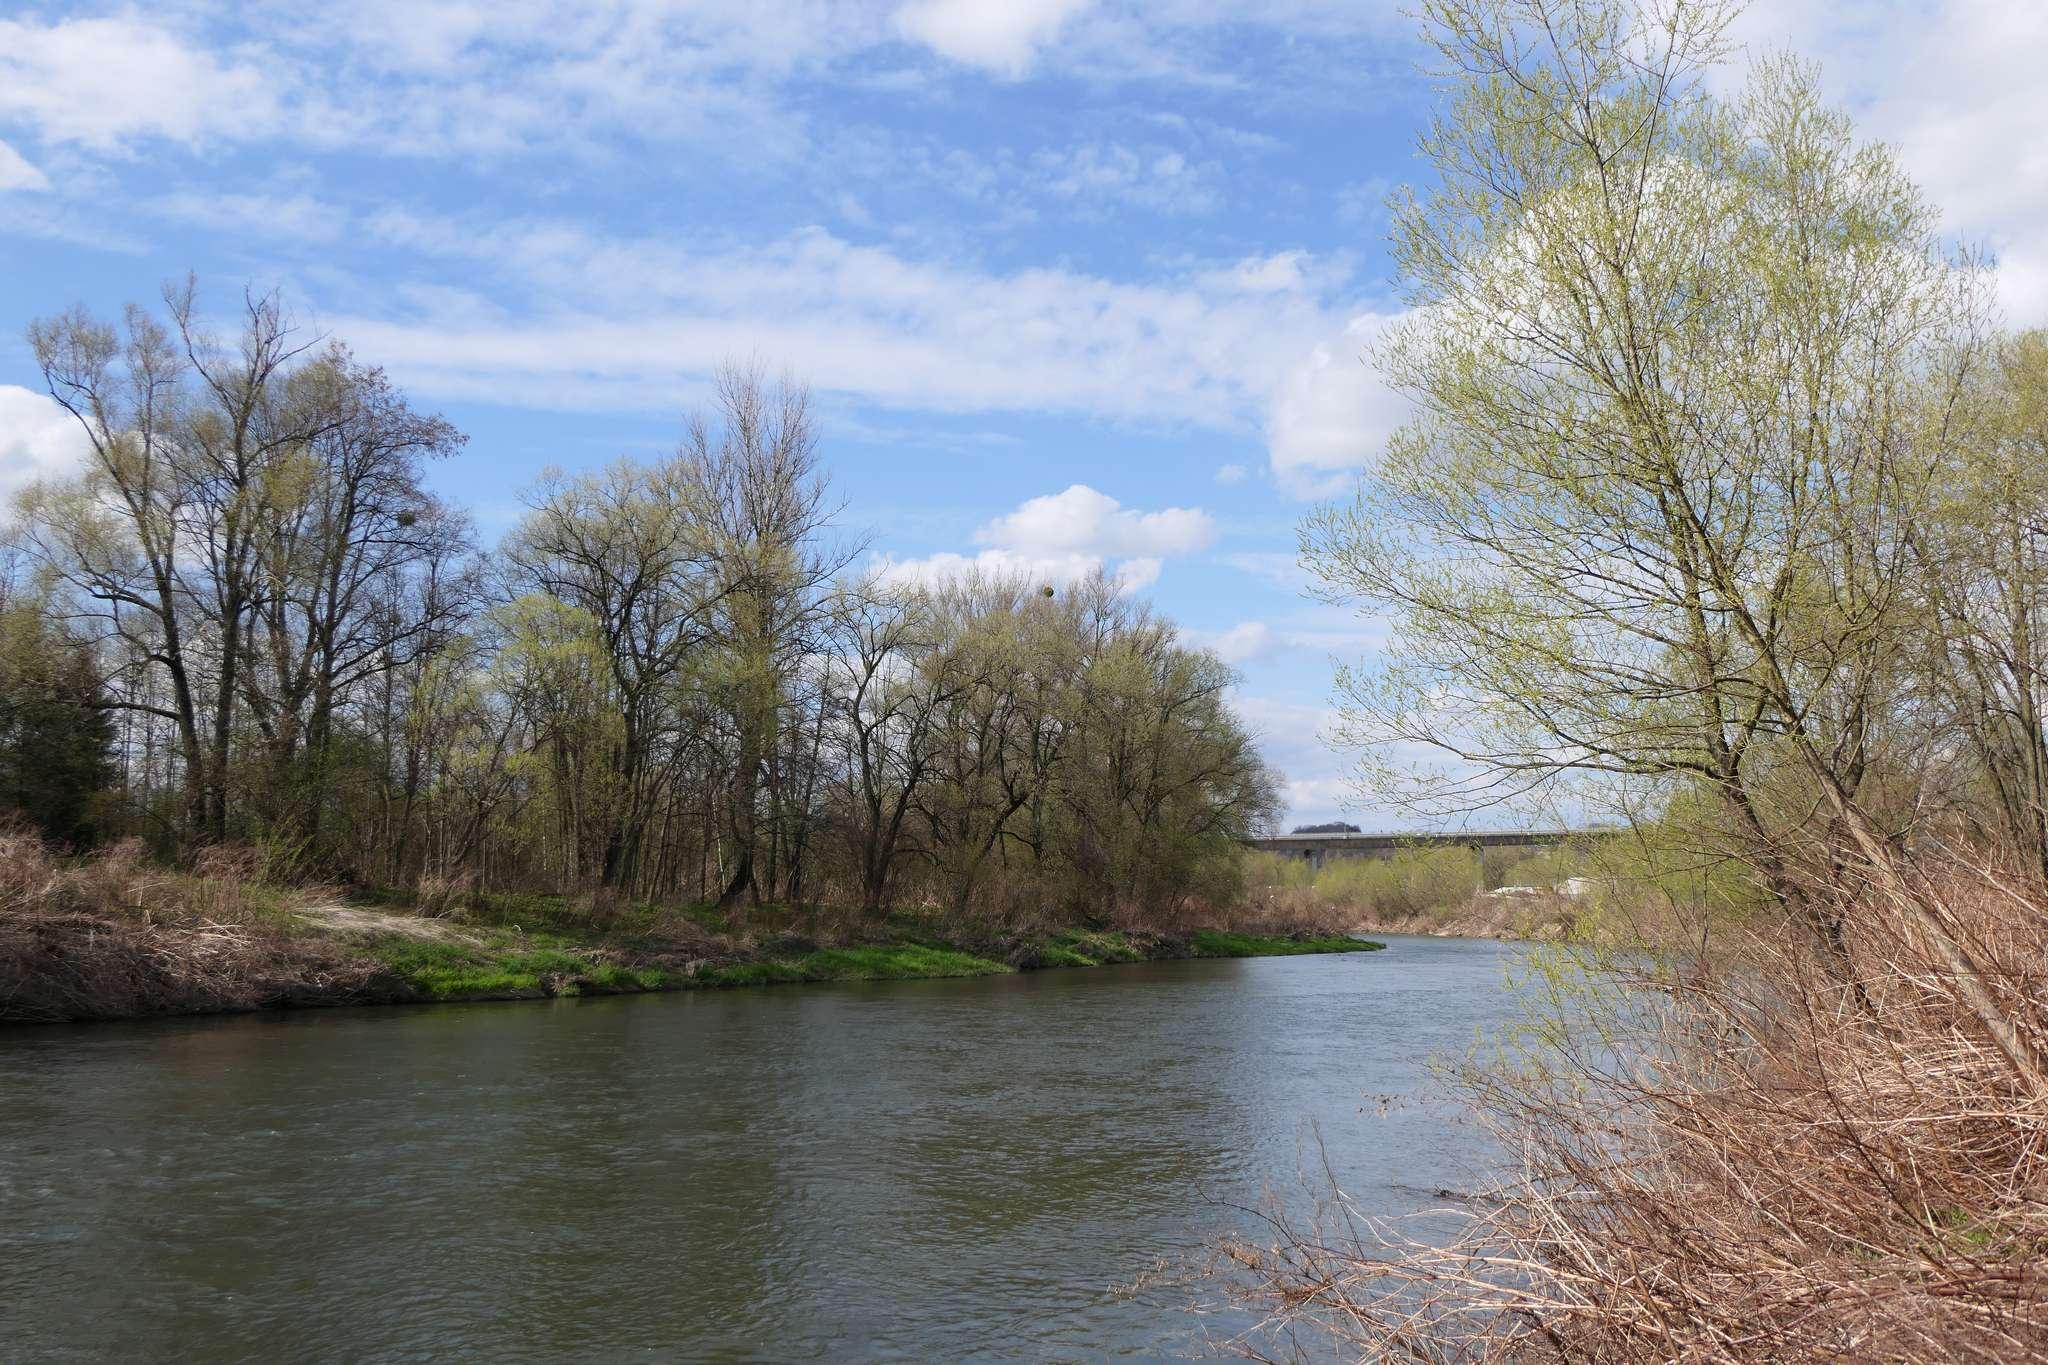 Im dalej od centrum, tym więcej zieleni również na czeskim brzegu Olzy. Nie trzeba się specjalnie wysilać, żeby wyobrazić sobie w tym miejscu przyjemny punkt wypoczynkowy.